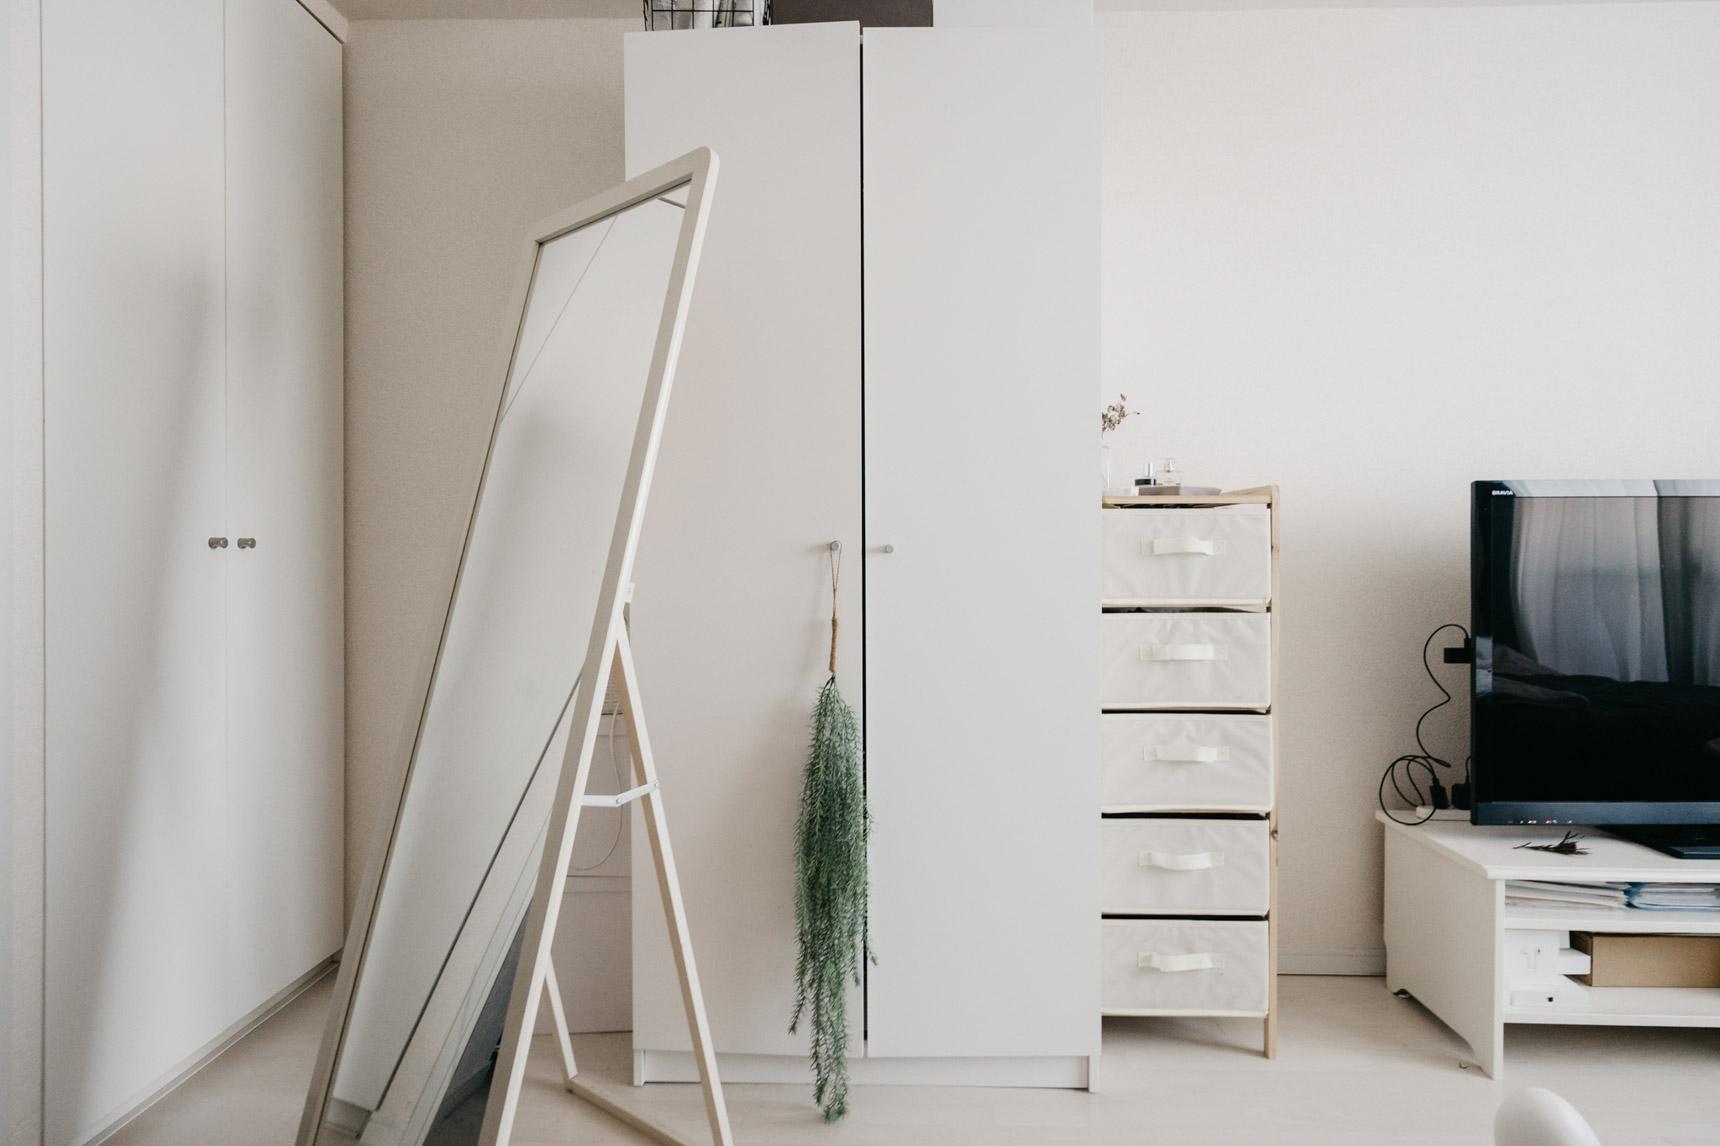 「真っ白のクローゼット」をもうひとつ購入してしまう、というアイディアも。こちらはIKEAで購入されたものとのこと。壁の色と同じなので、意外にもそれほど圧迫感がありません。